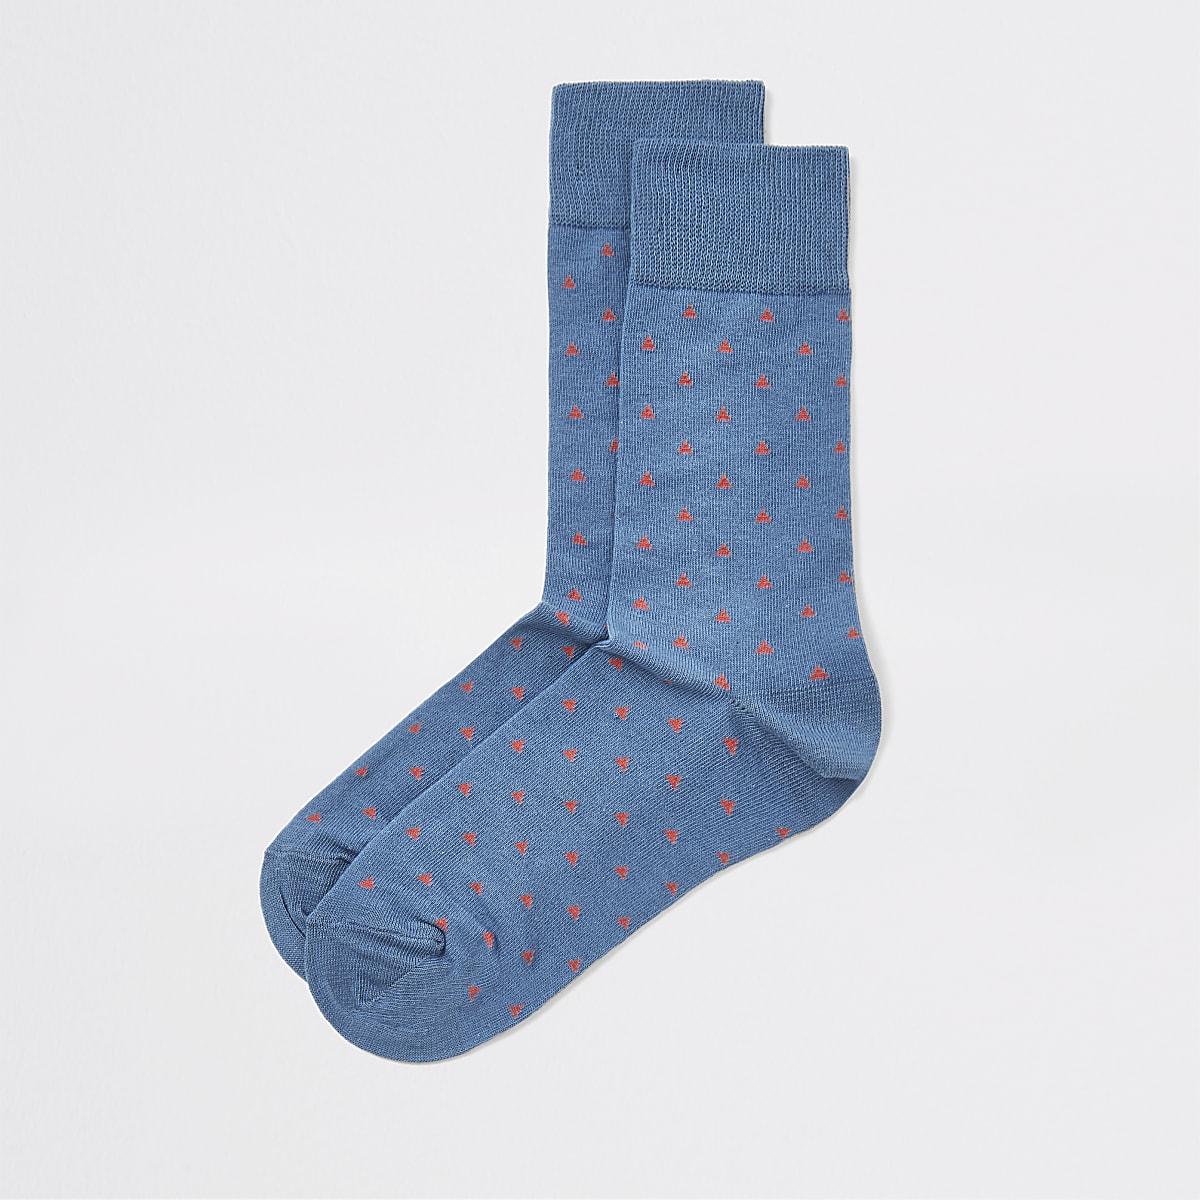 Blauwe sokken met geometrische print